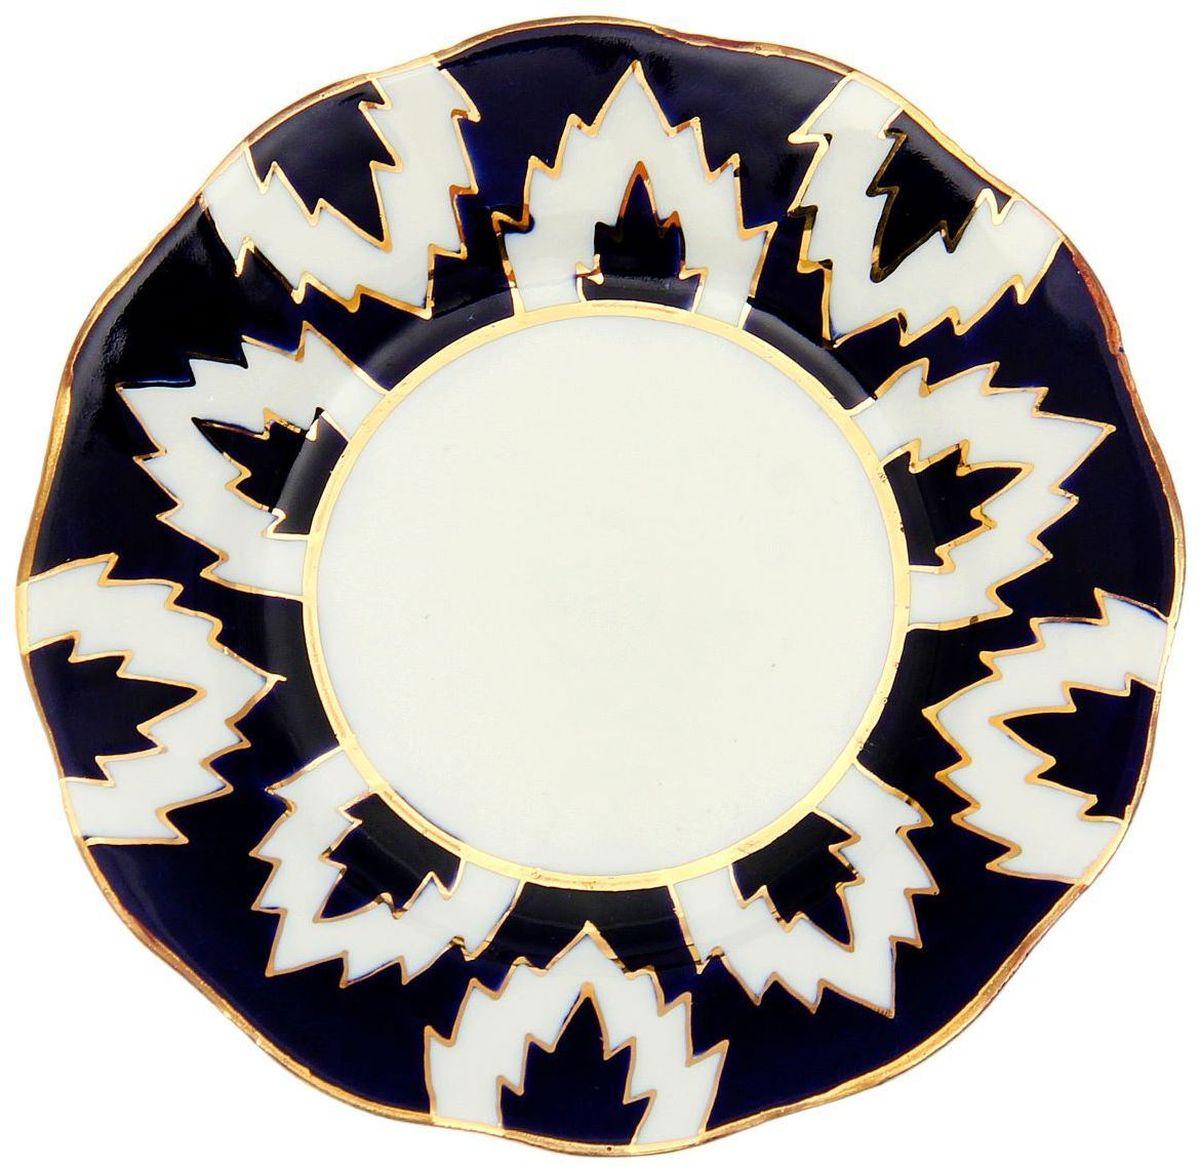 Тарелка Turon Porcelain Атлас, цвет: синий, белый, золотистый, диаметр 12,5 см1625401Тарелка Turon Porcelain Атлас, выполненная из качественного фарфора, подойдет для повседневной и праздничной сервировки. Дополните стол текстилем и салфетками в тон, чтобы получить элегантное убранство с яркими акцентами.Национальная узбекская роспись Атлас имеет симметричный геометрический рисунок. Узоры, похожие на листья, выводятся тонкой кистью, фон заливается темно-синим кобальтом. Синий краситель при обжиге слегка растекается и придает контуру изображений голубой оттенок. Густая глазурь наносится толстым слоем, благодаря чему рисунок мерцает.Узбекская посуда известна всему миру уже более тысячи лет. Ей любовались царские особы, на ней подавали еду для шейхов и знатных персон. Формулы красок и глазури передаются из поколения в поколение. По сей день качественные расписные изделия продолжают восхищать совершенством и завораживающей красотой.